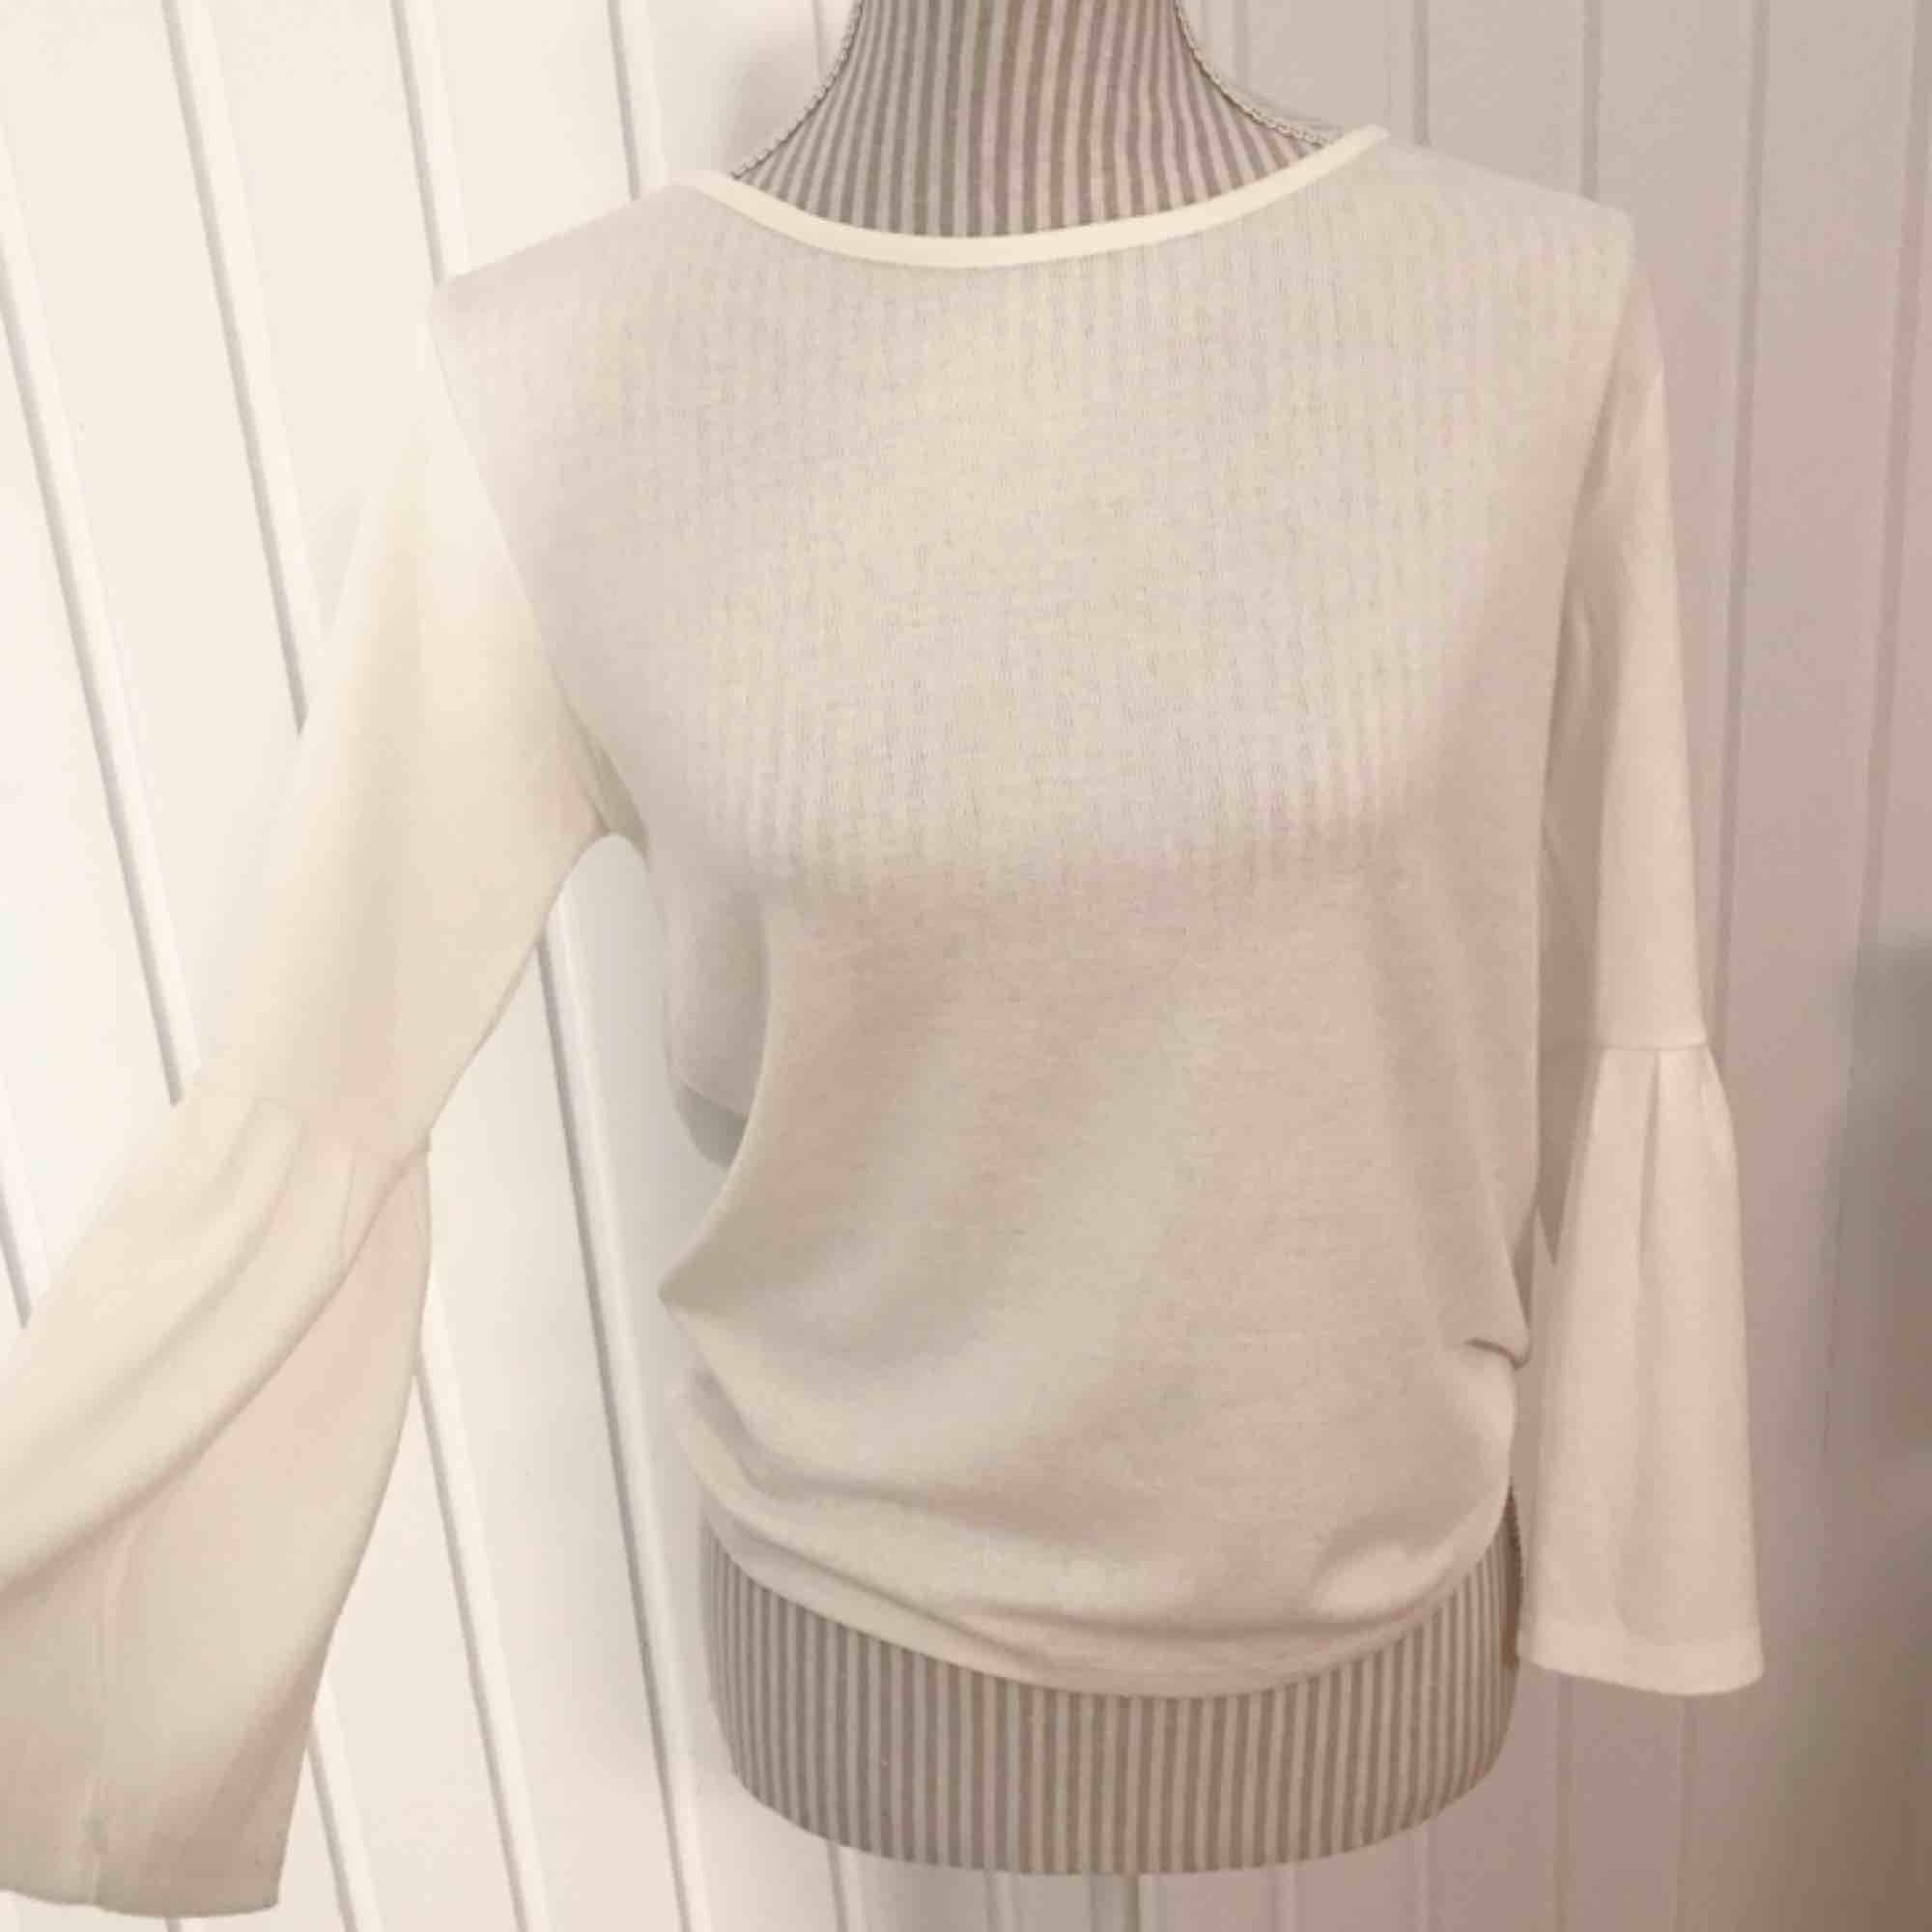 Vit mjuk tröja med utsvängda armar från Jacqueline de Yong! Fint skick 🌟 frakt på 36 kr tillkommer. Tröjor & Koftor.